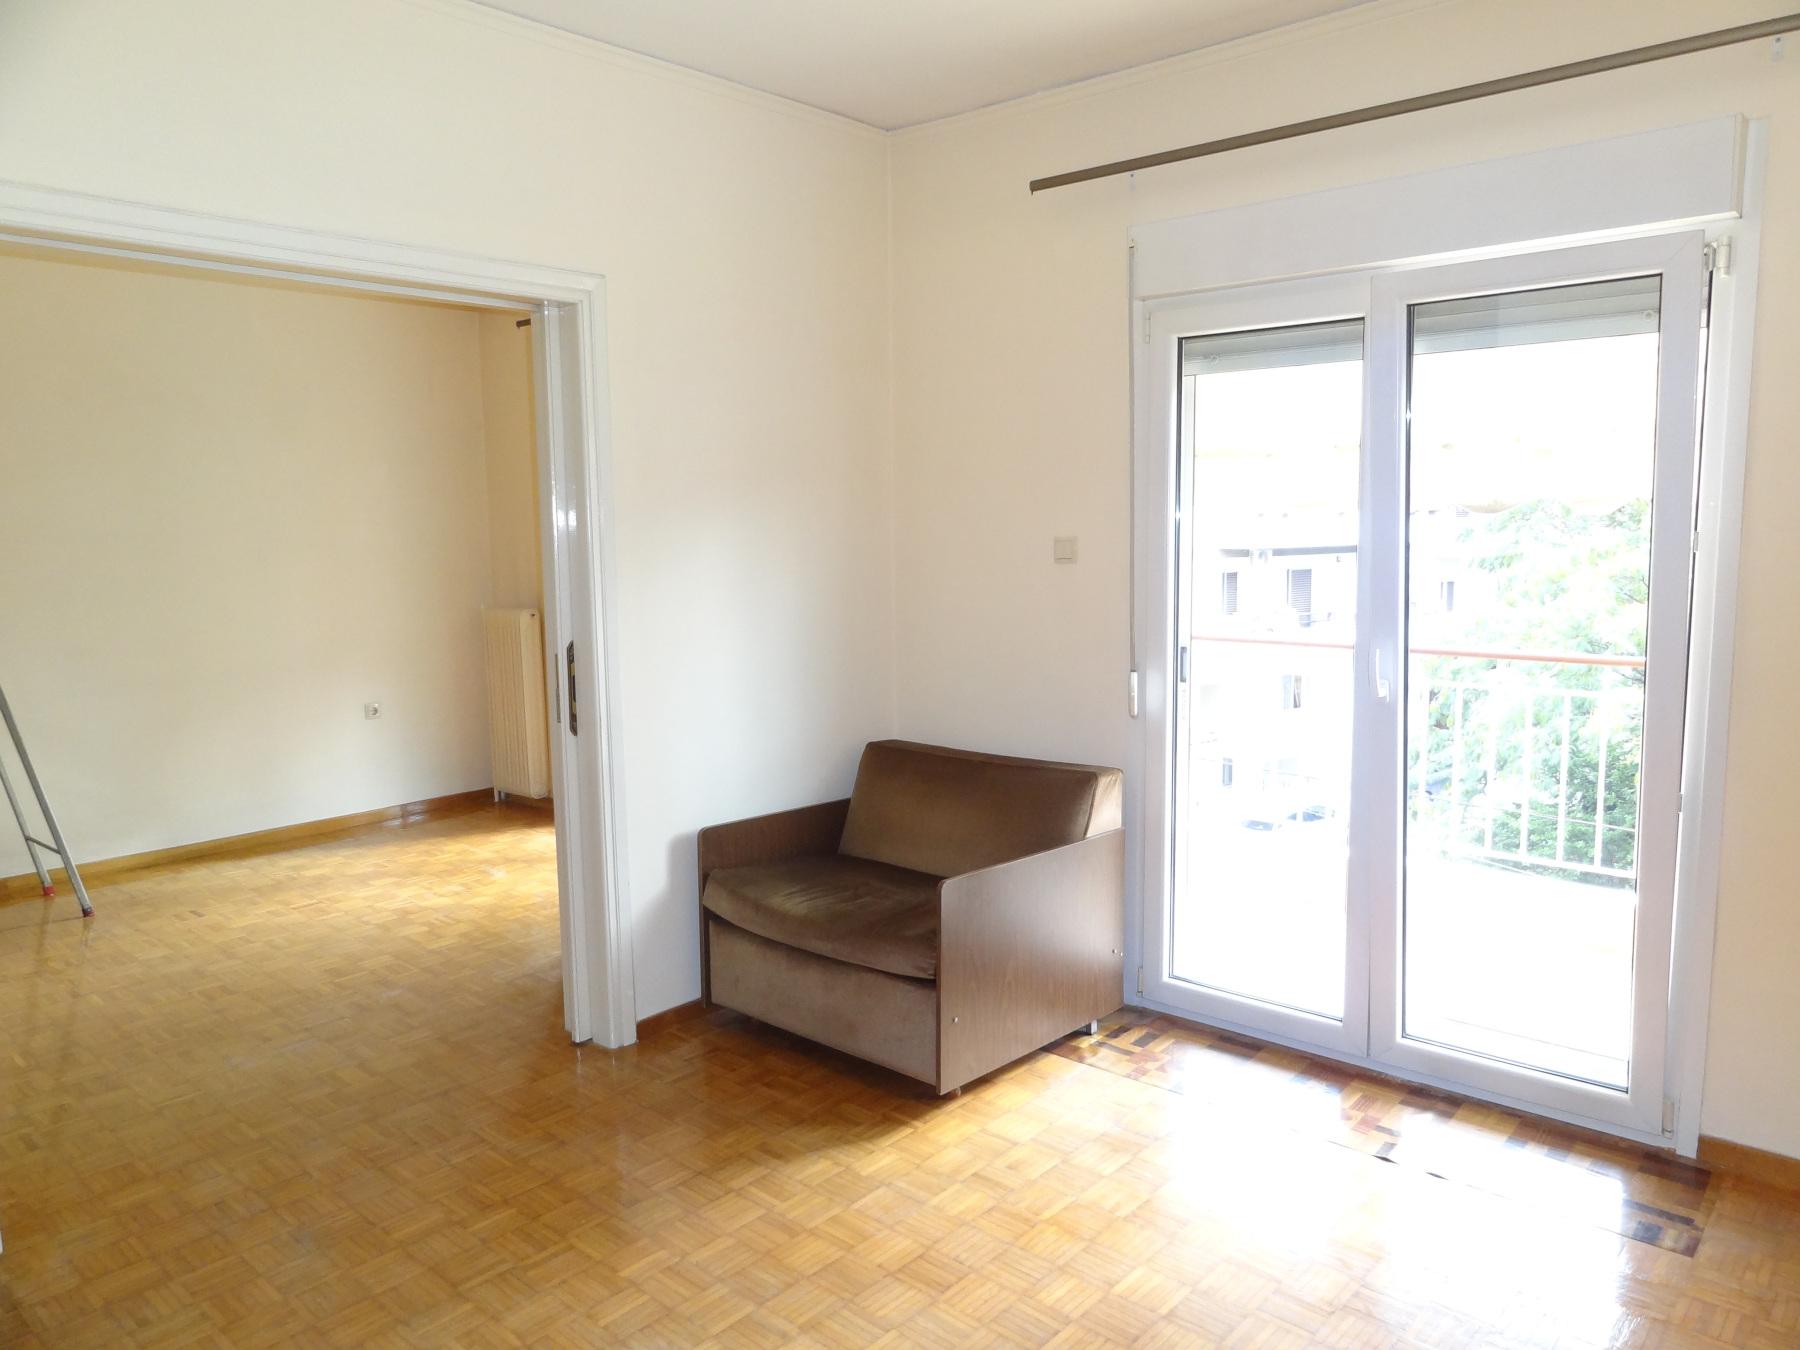 Ενοικιάζεται διαμπερές διαμέρισμα 77 τ.μ. 3ου ορόφου στην περιοχή του Γηροκομείου στα Ιωάννινα